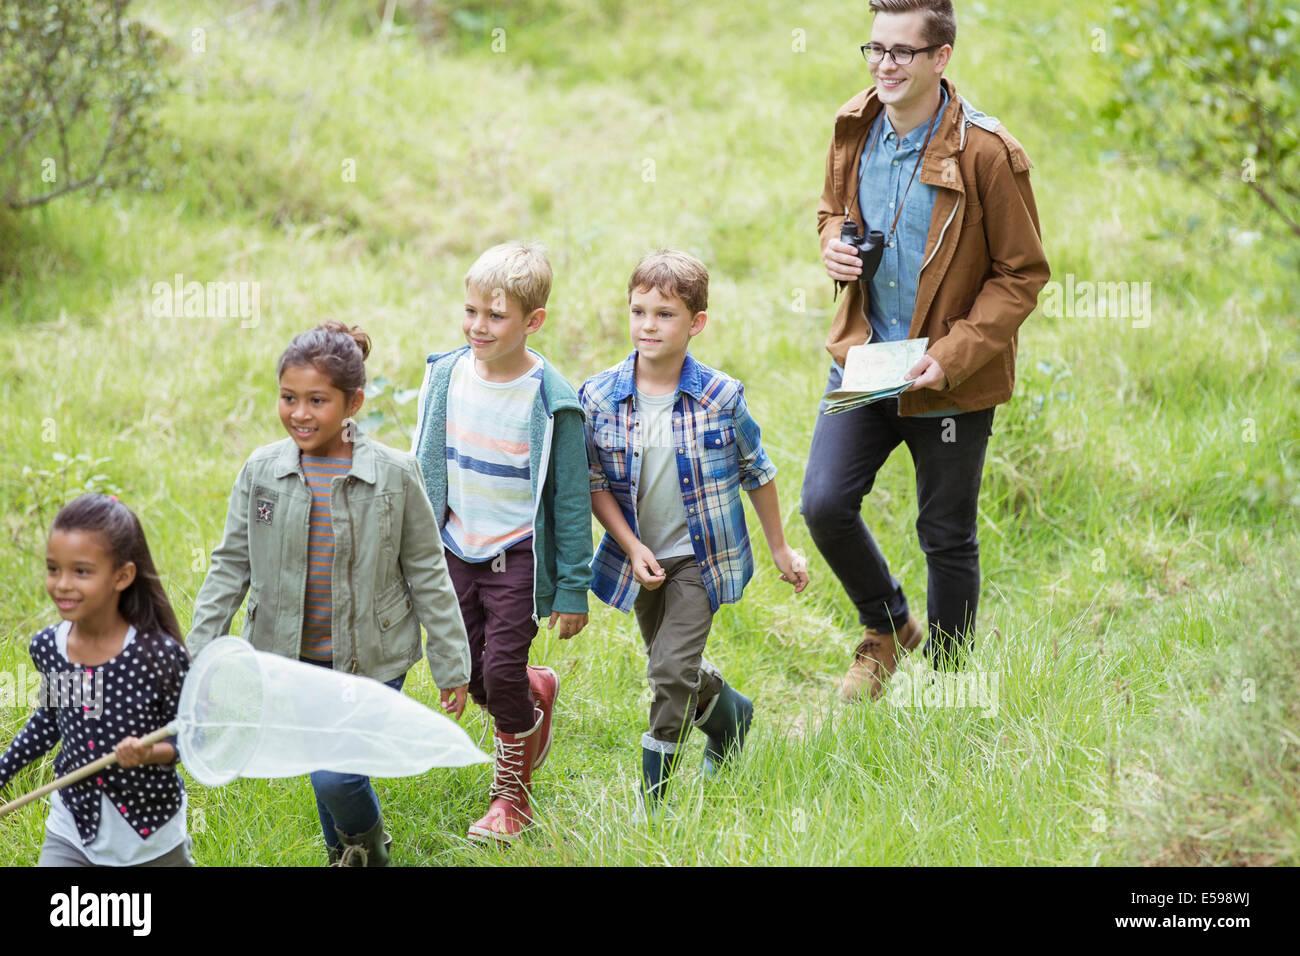 Schüler und Lehrer, die zu Fuß in Feld Stockbild